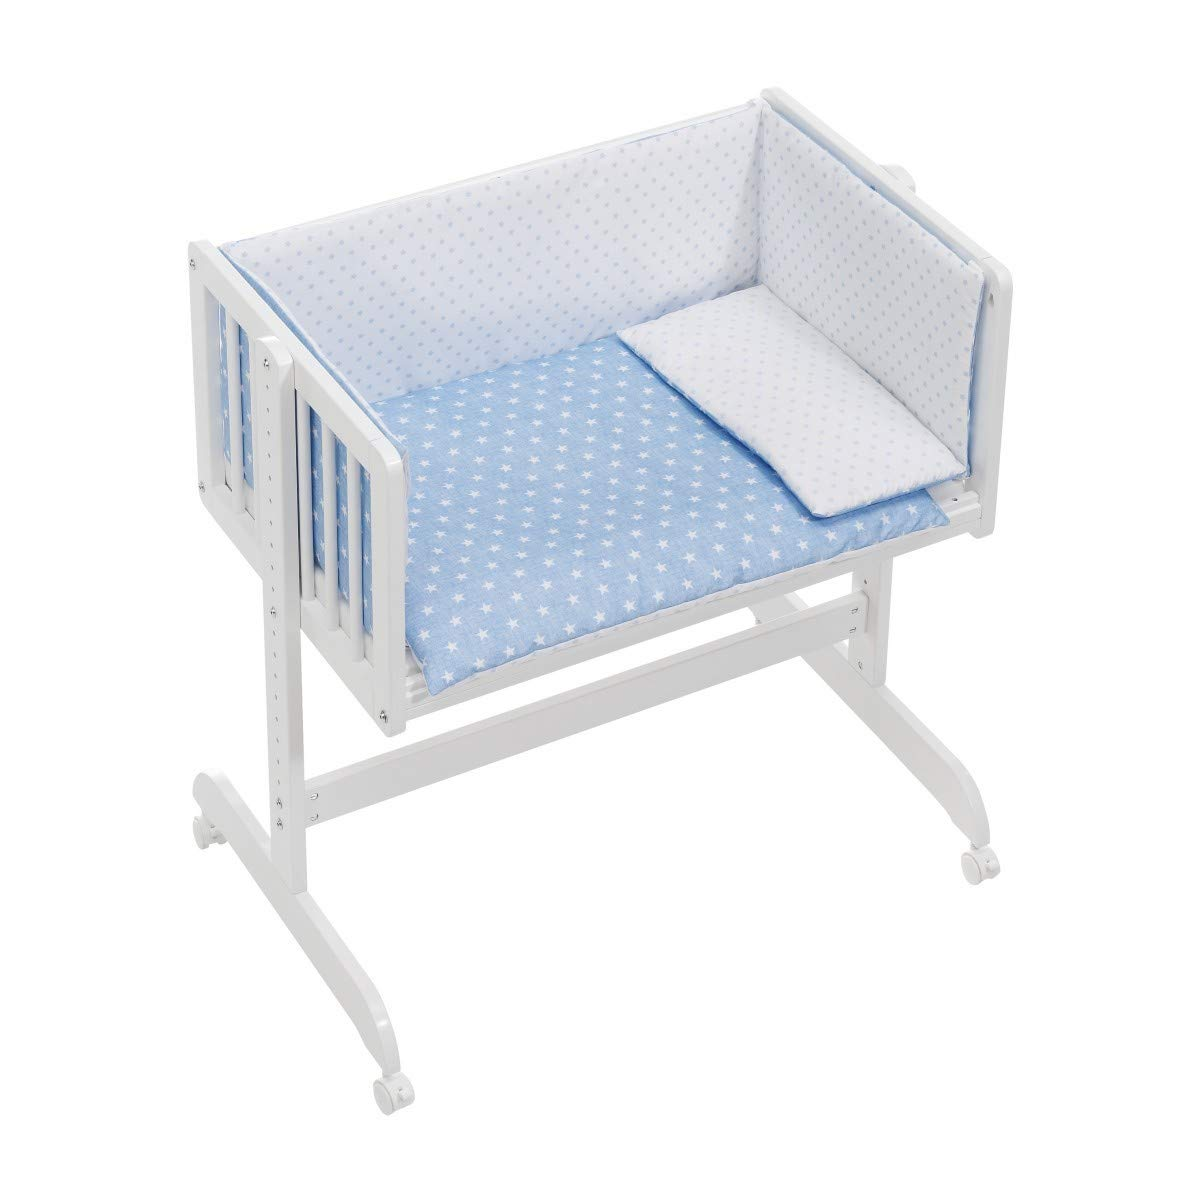 Interbaby Cuna Colecho + Textil Star Azul: Amazon.es: Juguetes y ...